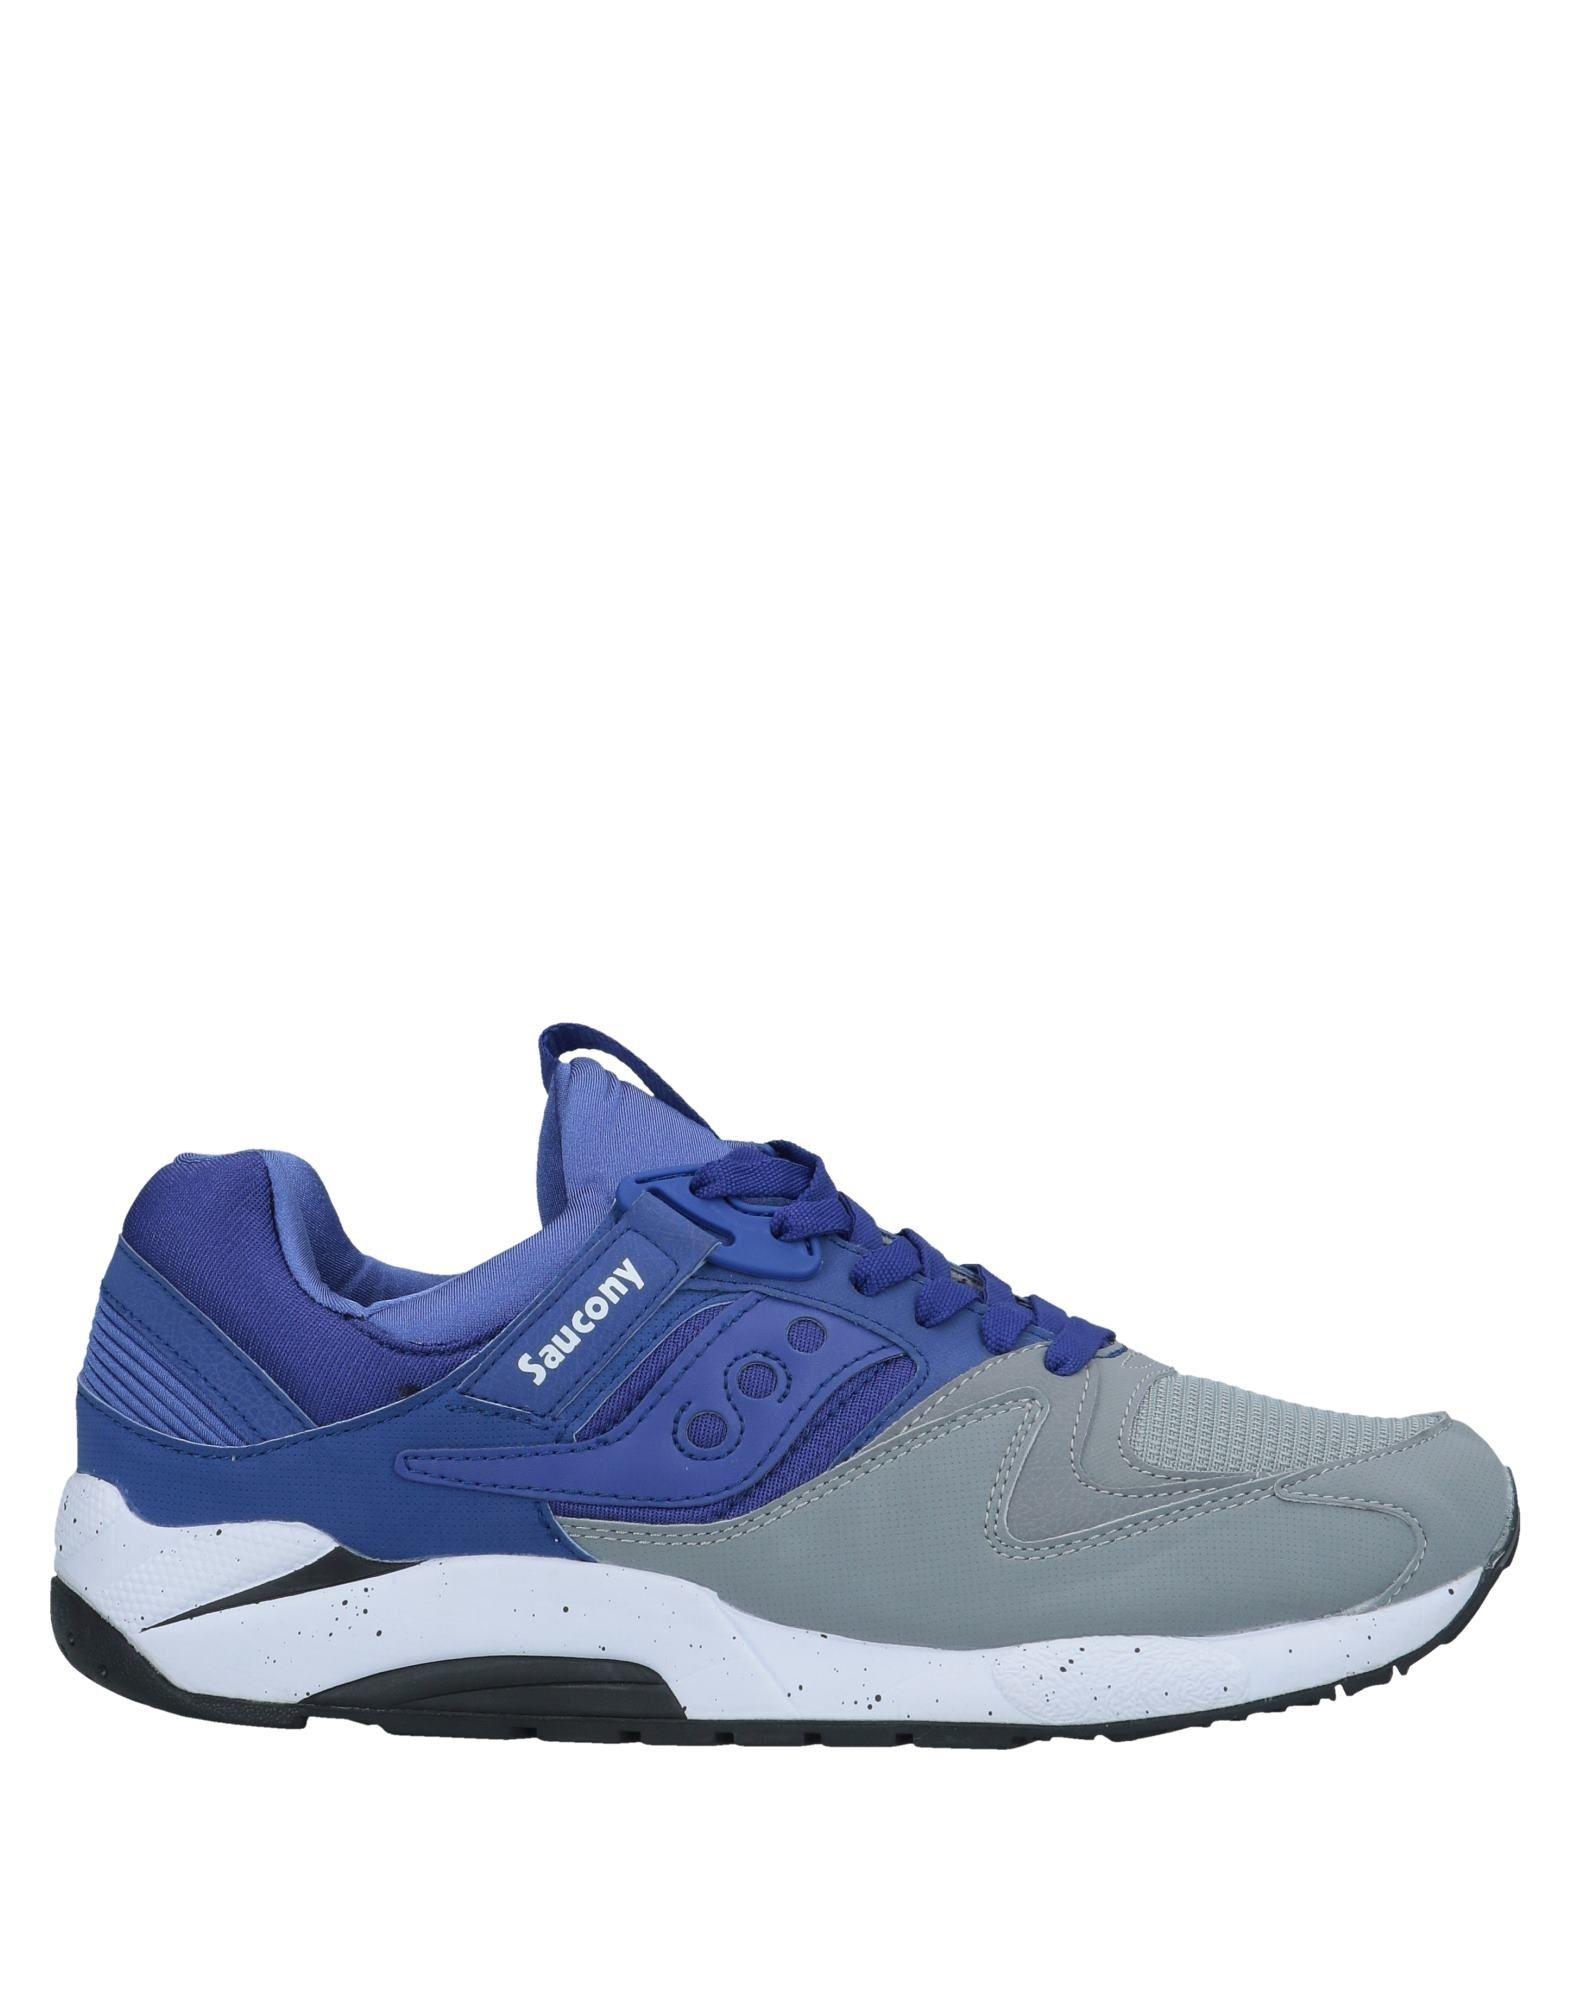 Rabatt echte 11241051MN Schuhe Saucony Sneakers Herren  11241051MN echte 0593b9